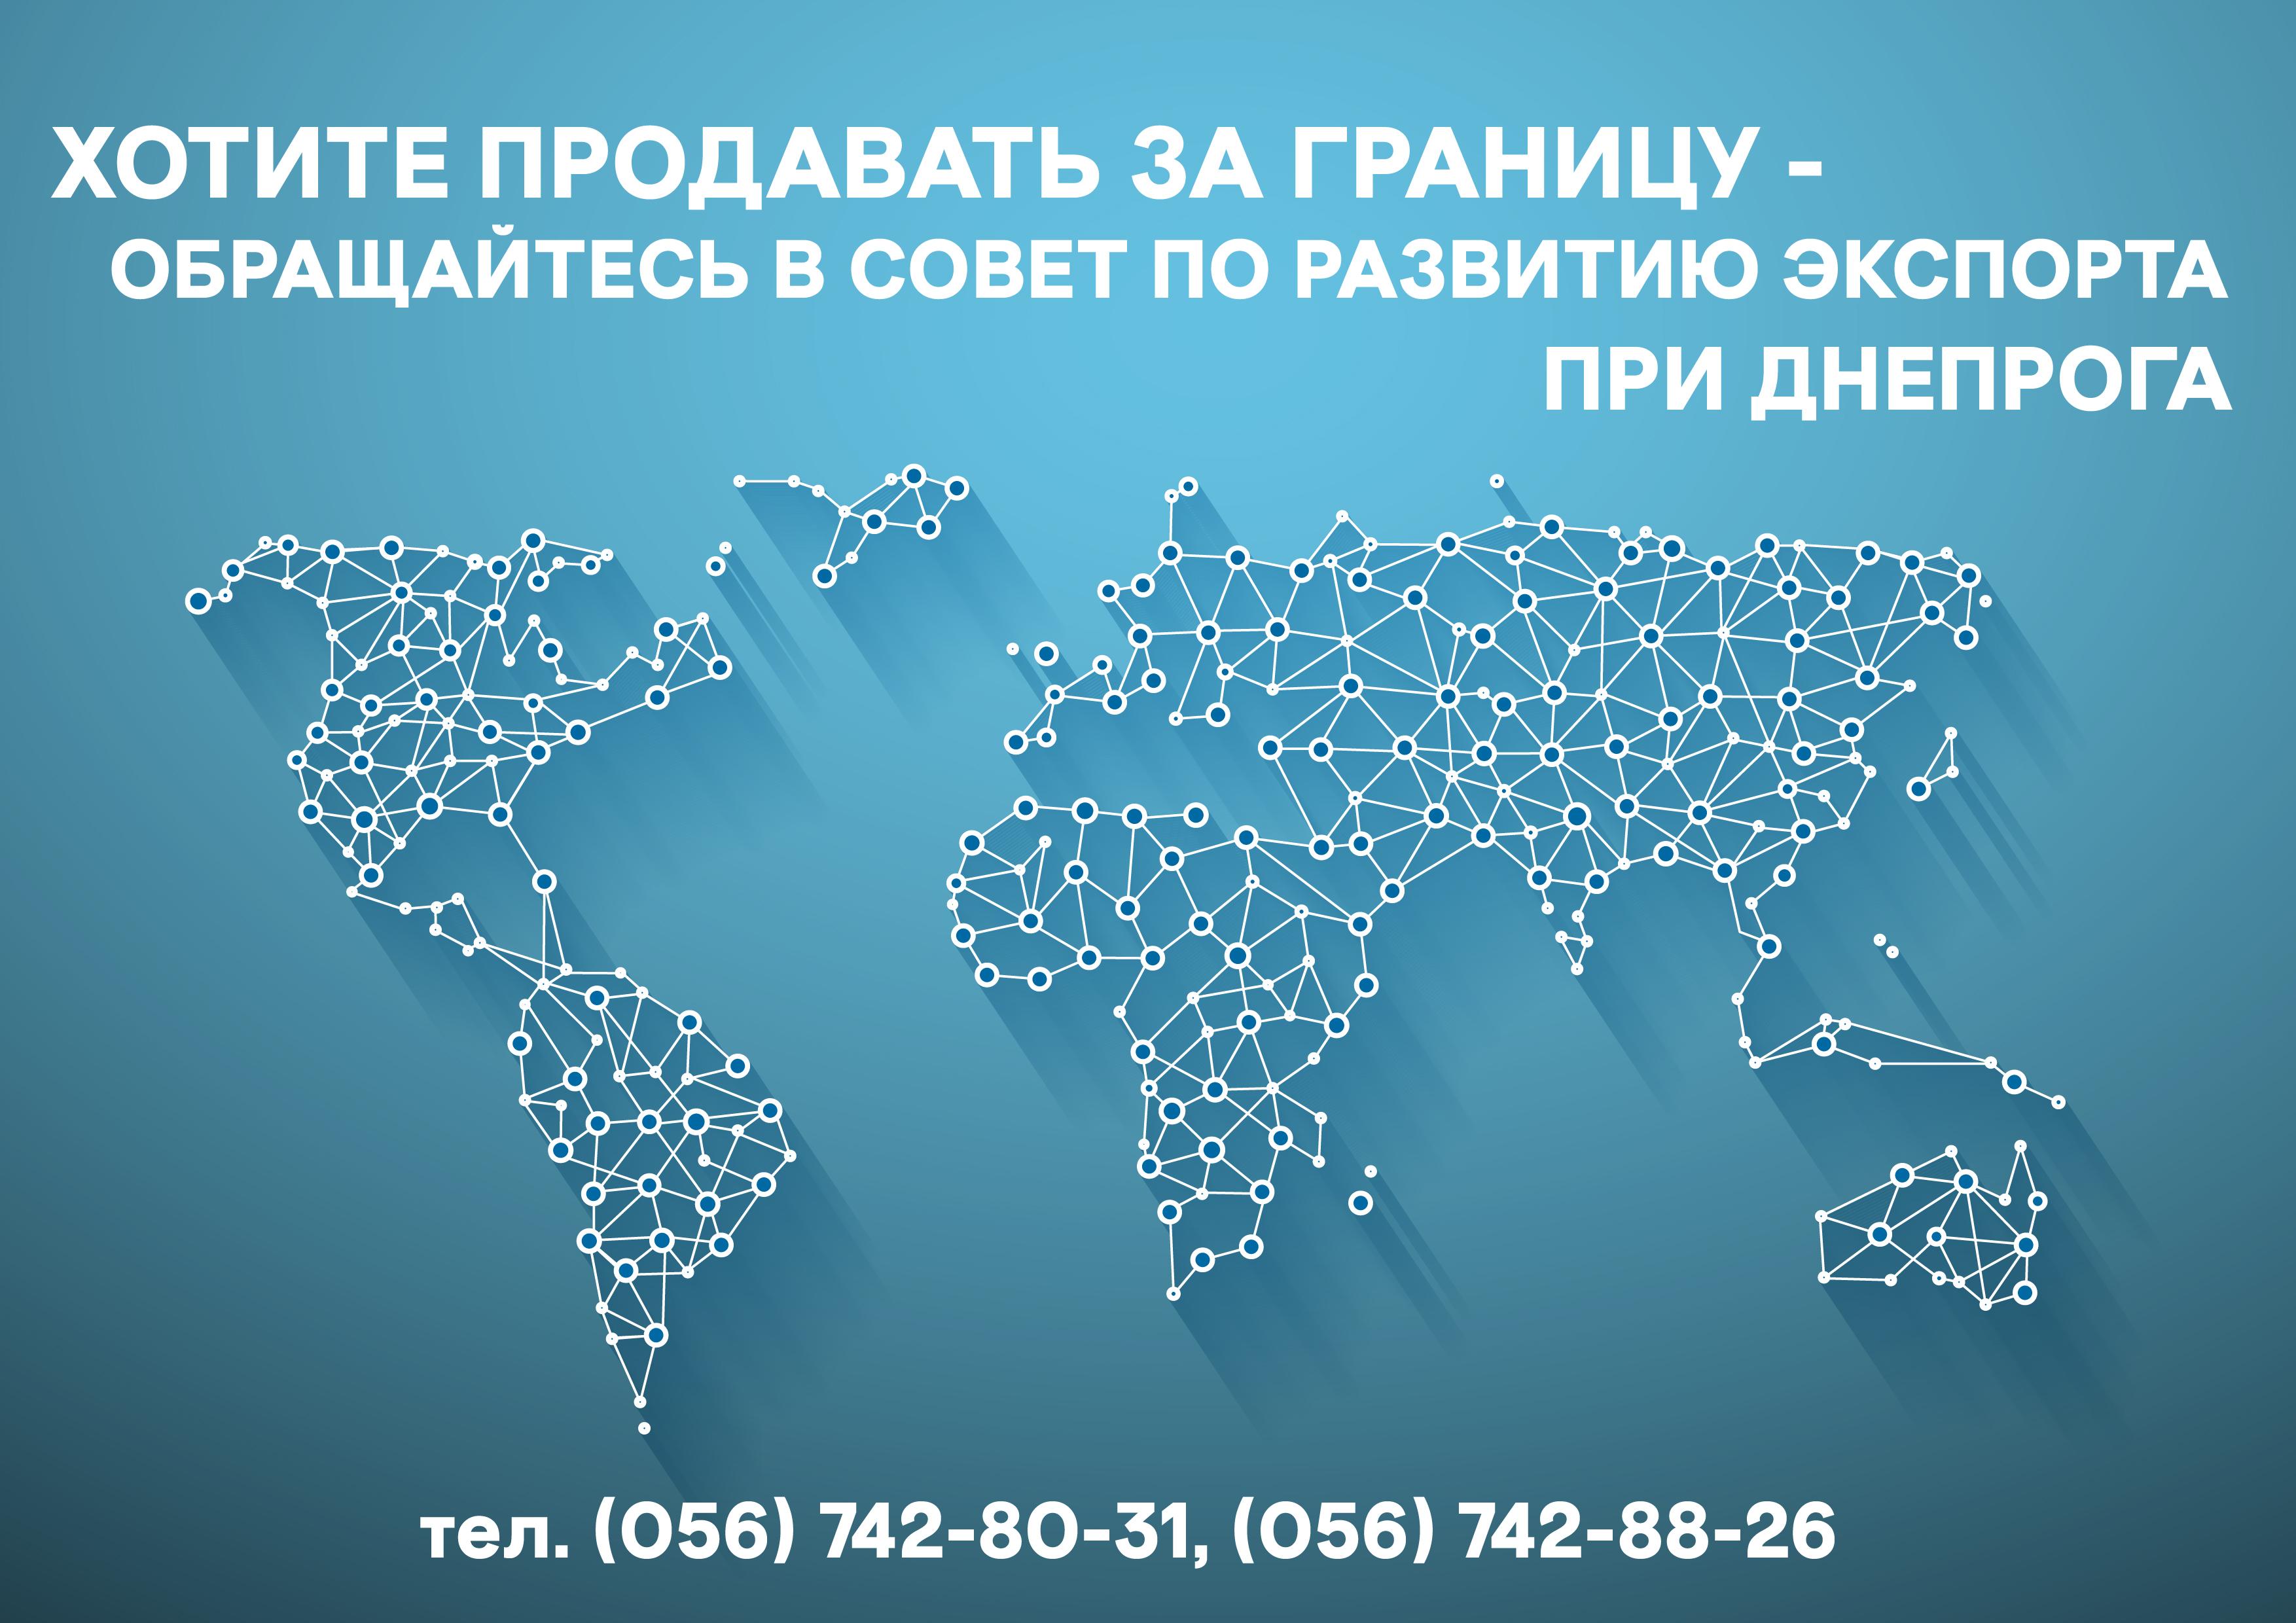 продаж_за_кордон_рус_01-01 (1)